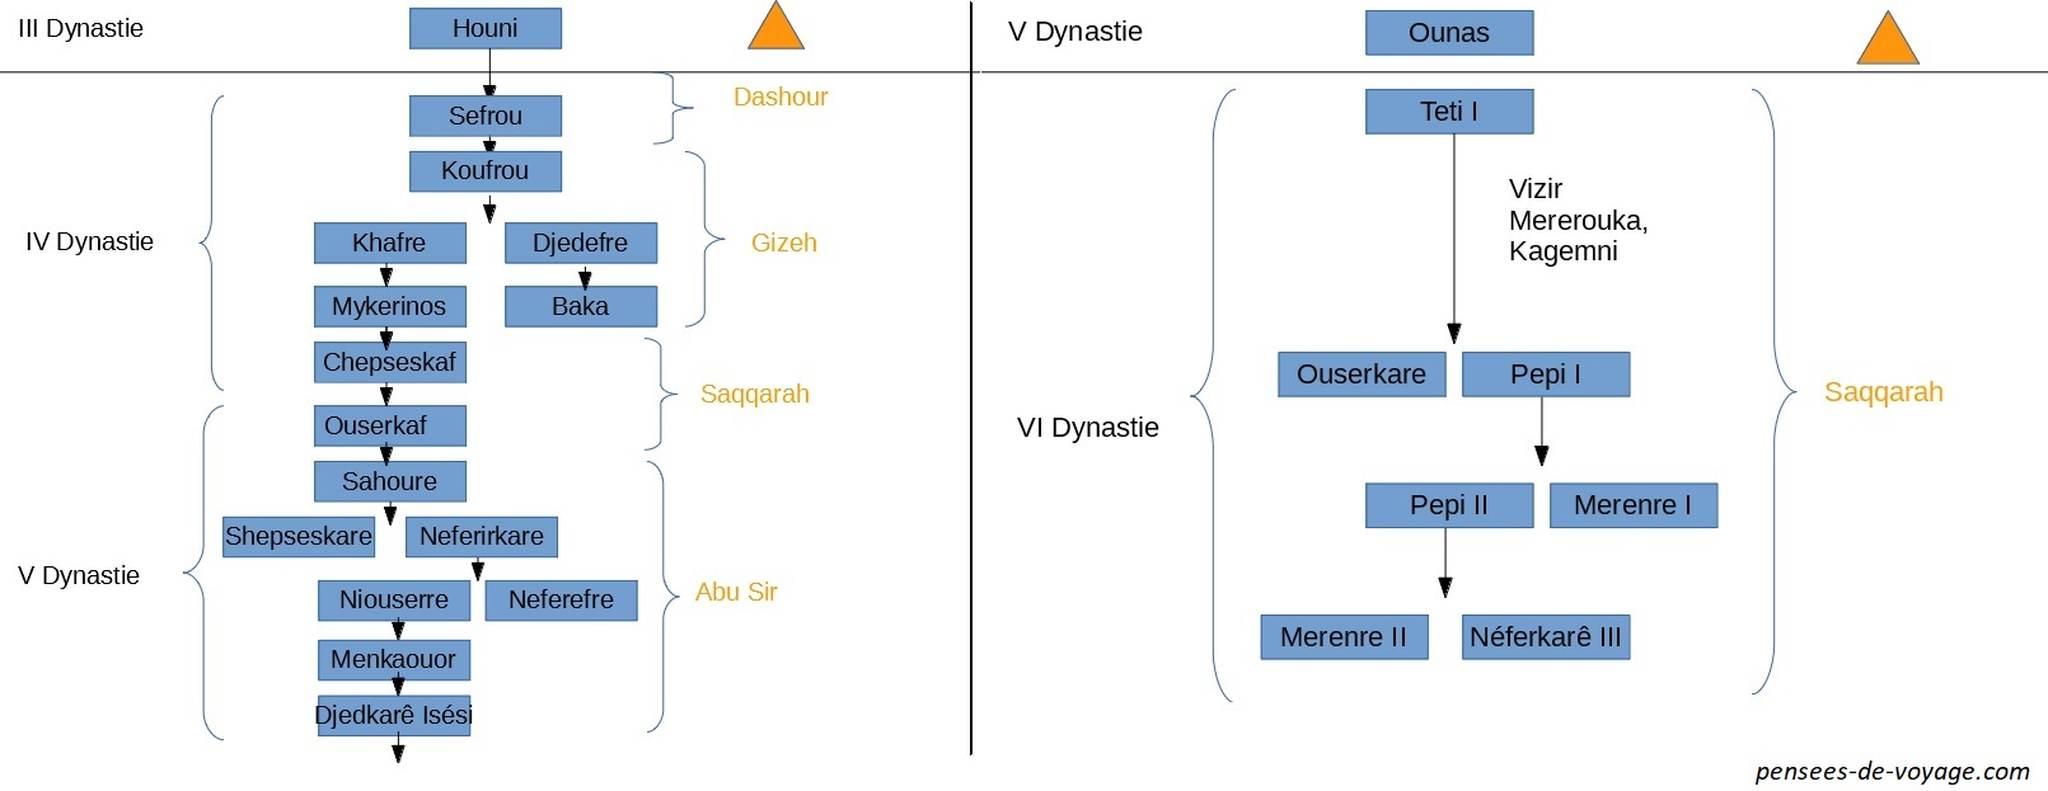 Liste pharaons et pyramides